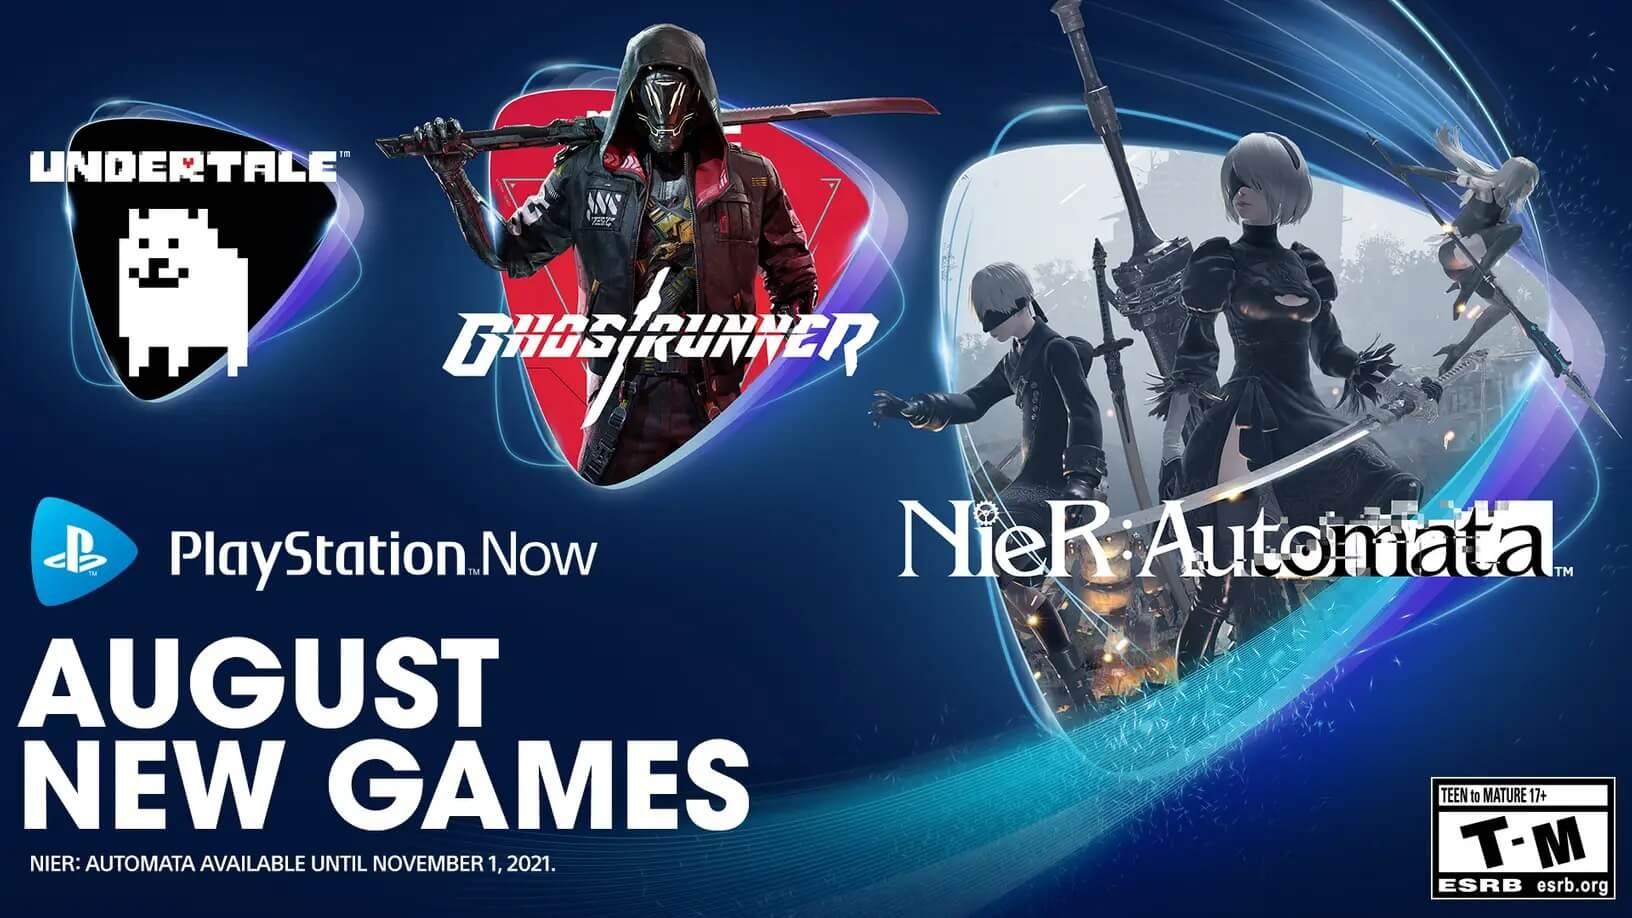 Ya puedes jugar NieR: Automata y Undertale en PS Now